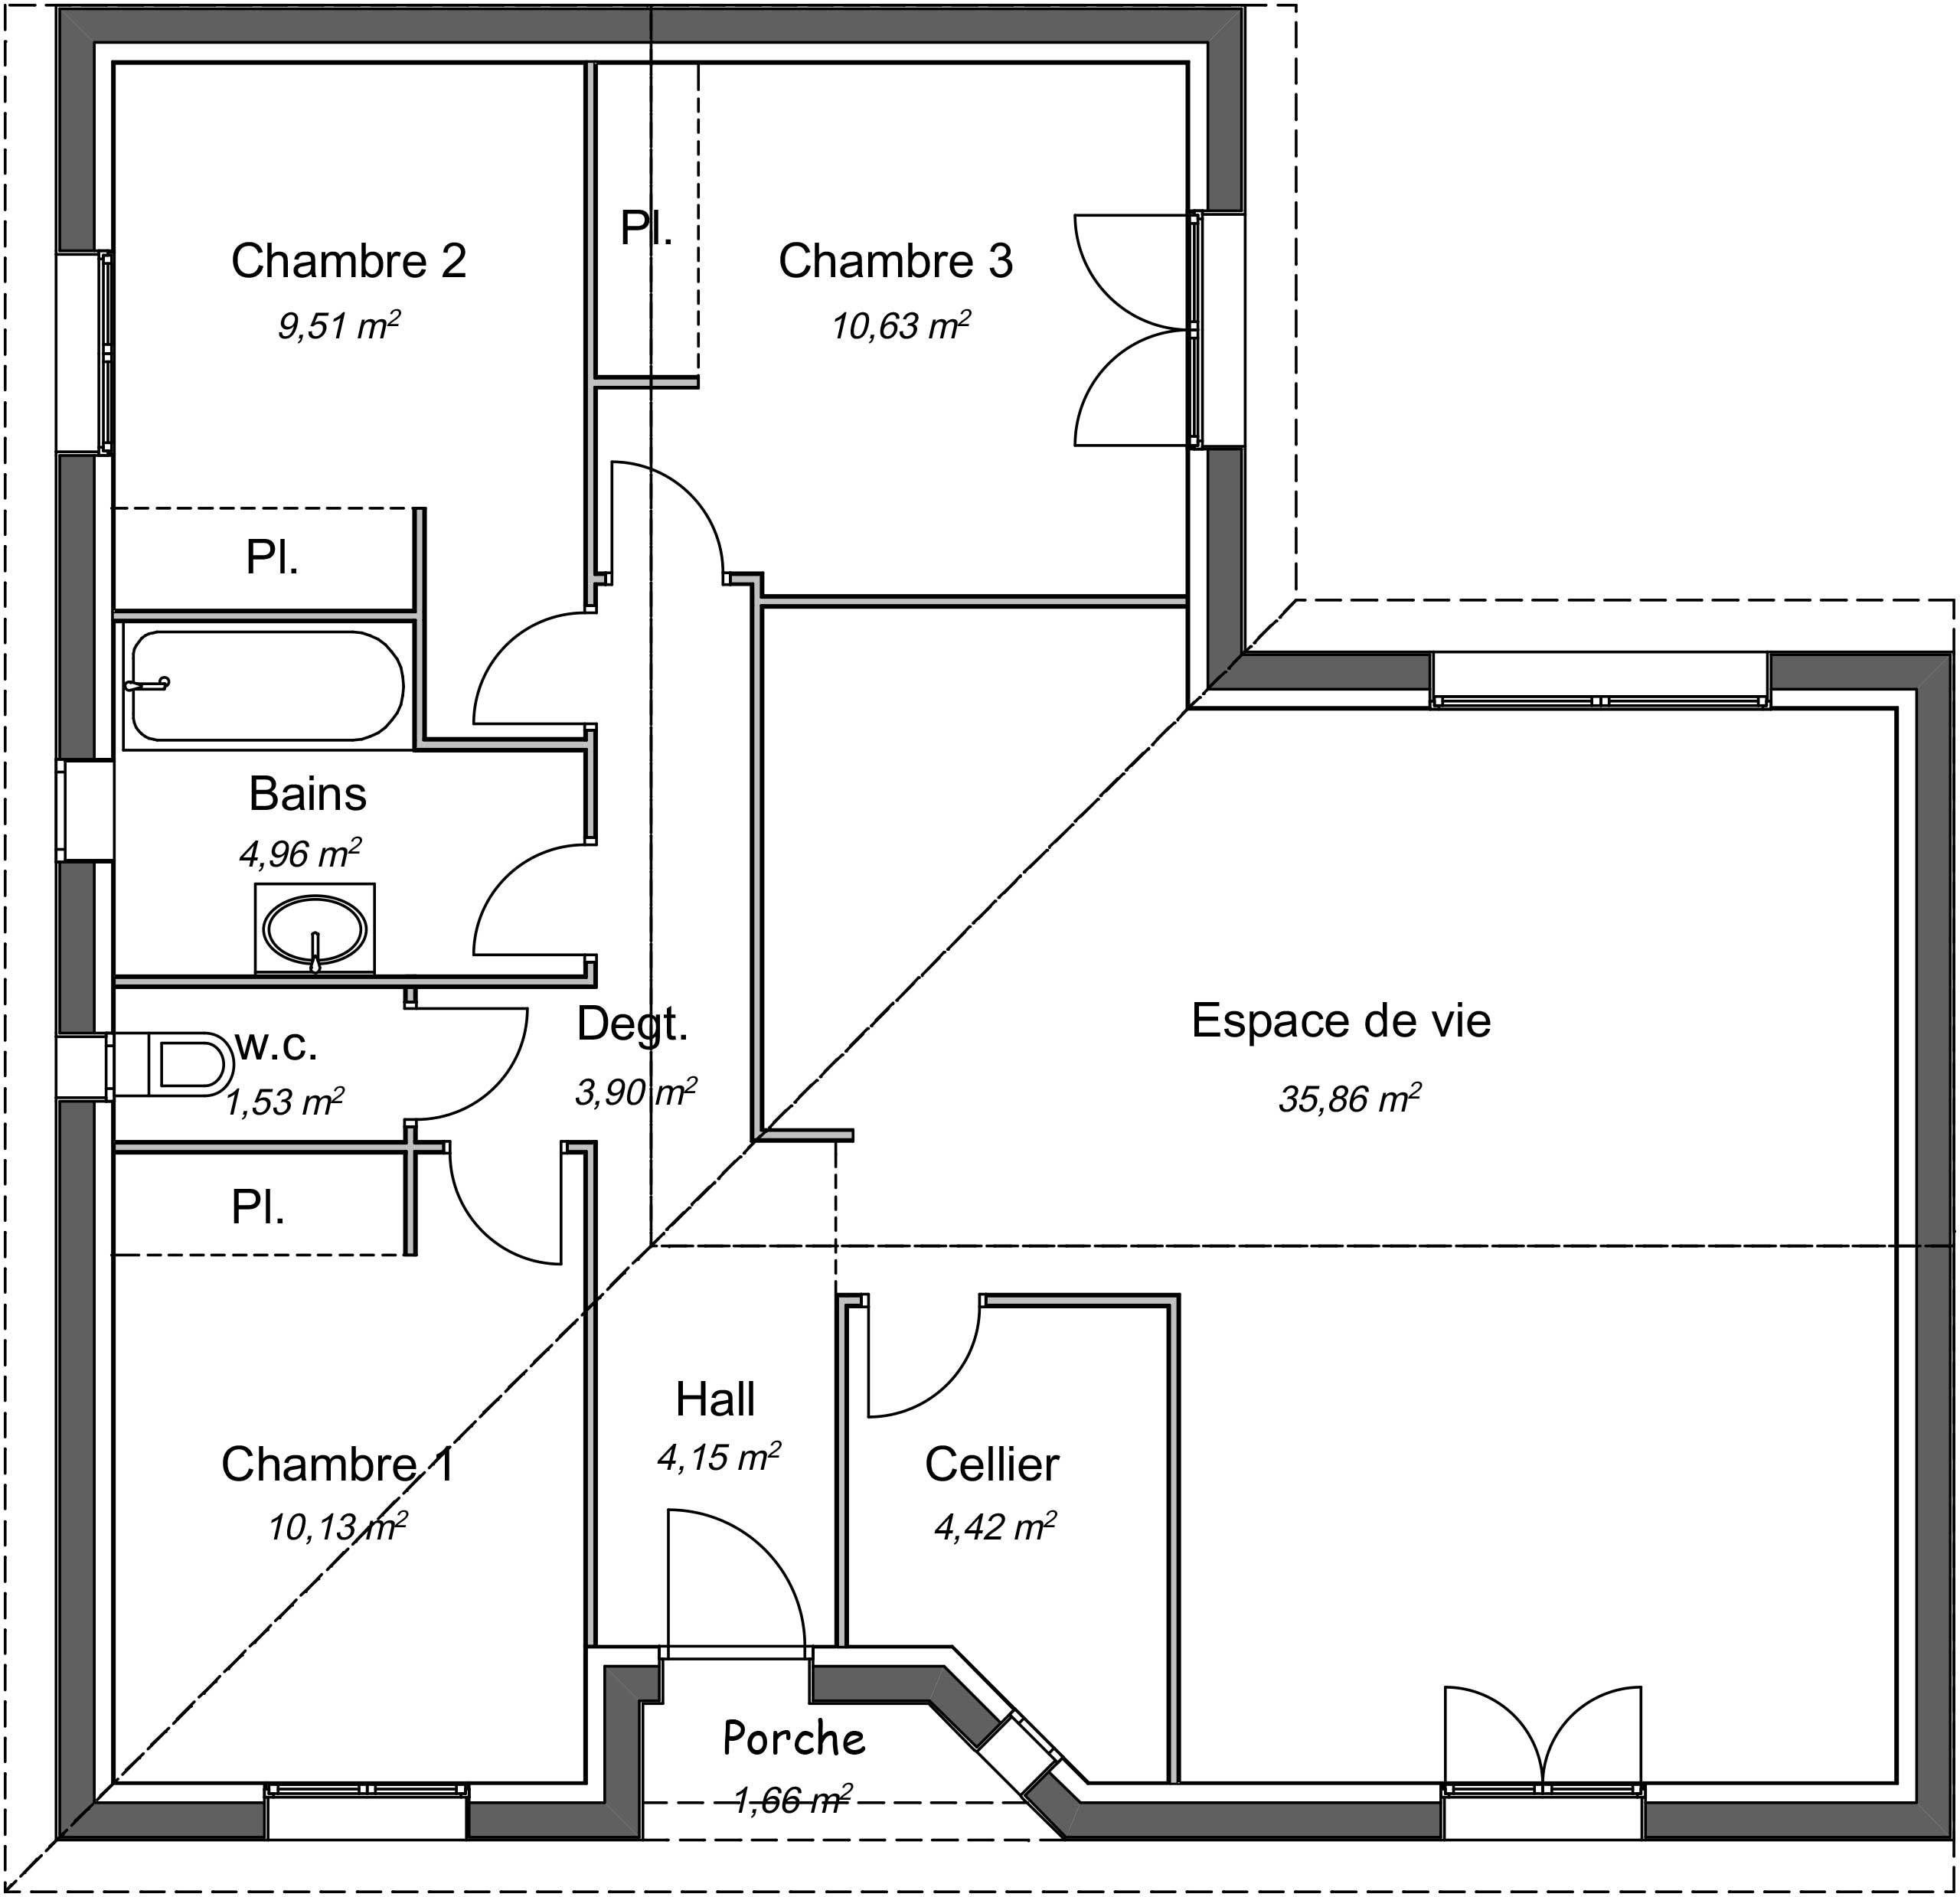 Maison Contemporaine Plain Pied Meleze Avec Plans Demeures D Aquitaine Constructeur Maison Individuelle Nouvelle Aquitaine